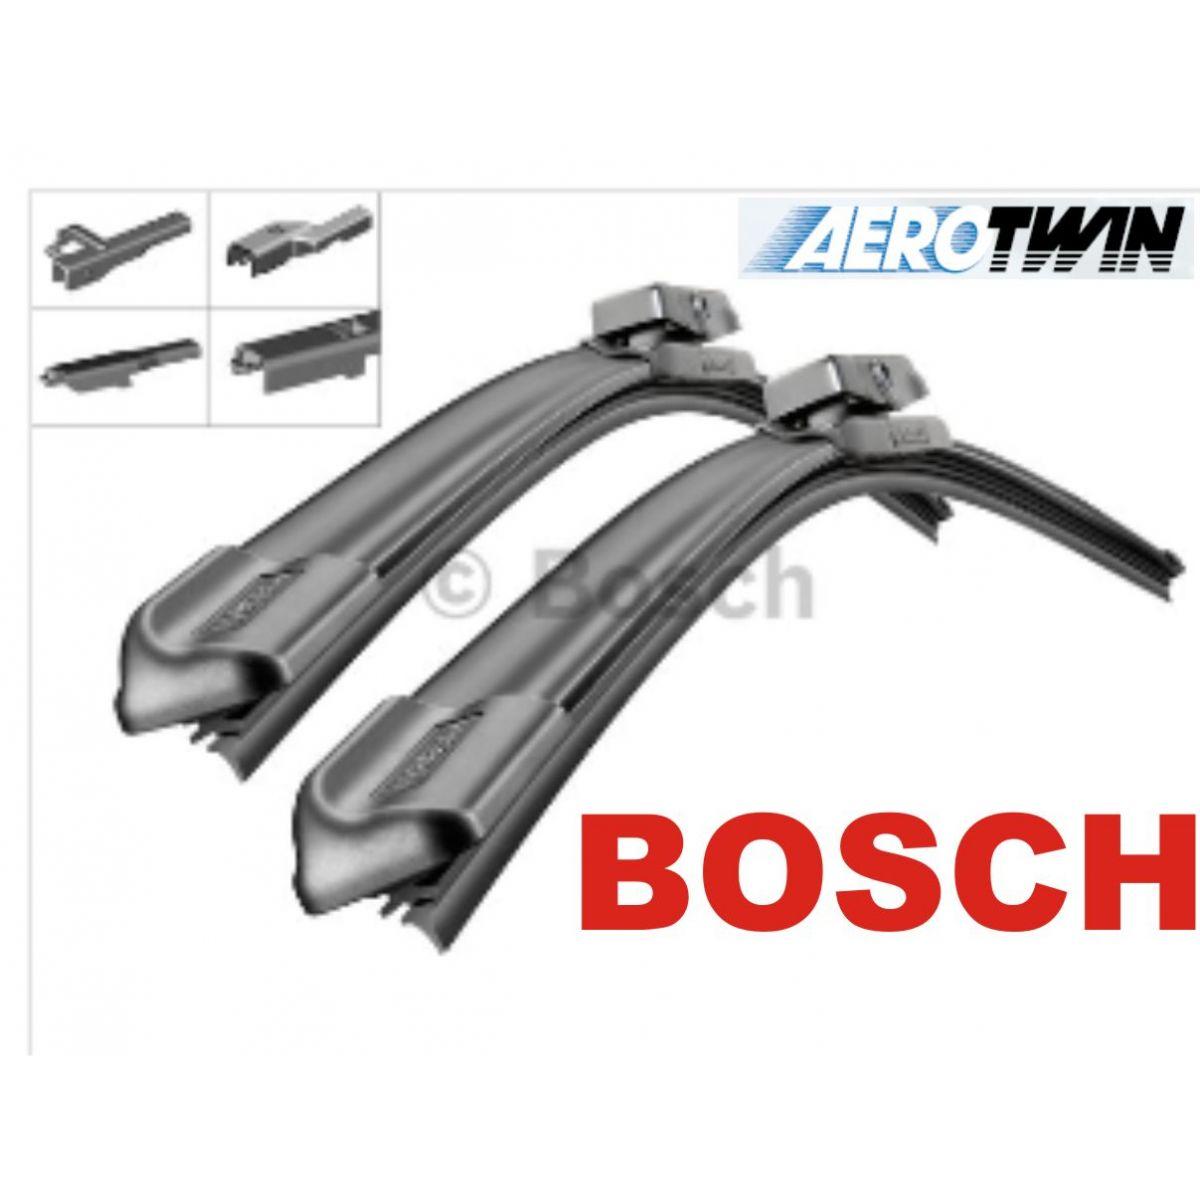 Palheta Bosch Aerotwin Plus Limpador de para brisa Bosch M6 Coupe [F 13] 2012 em diante